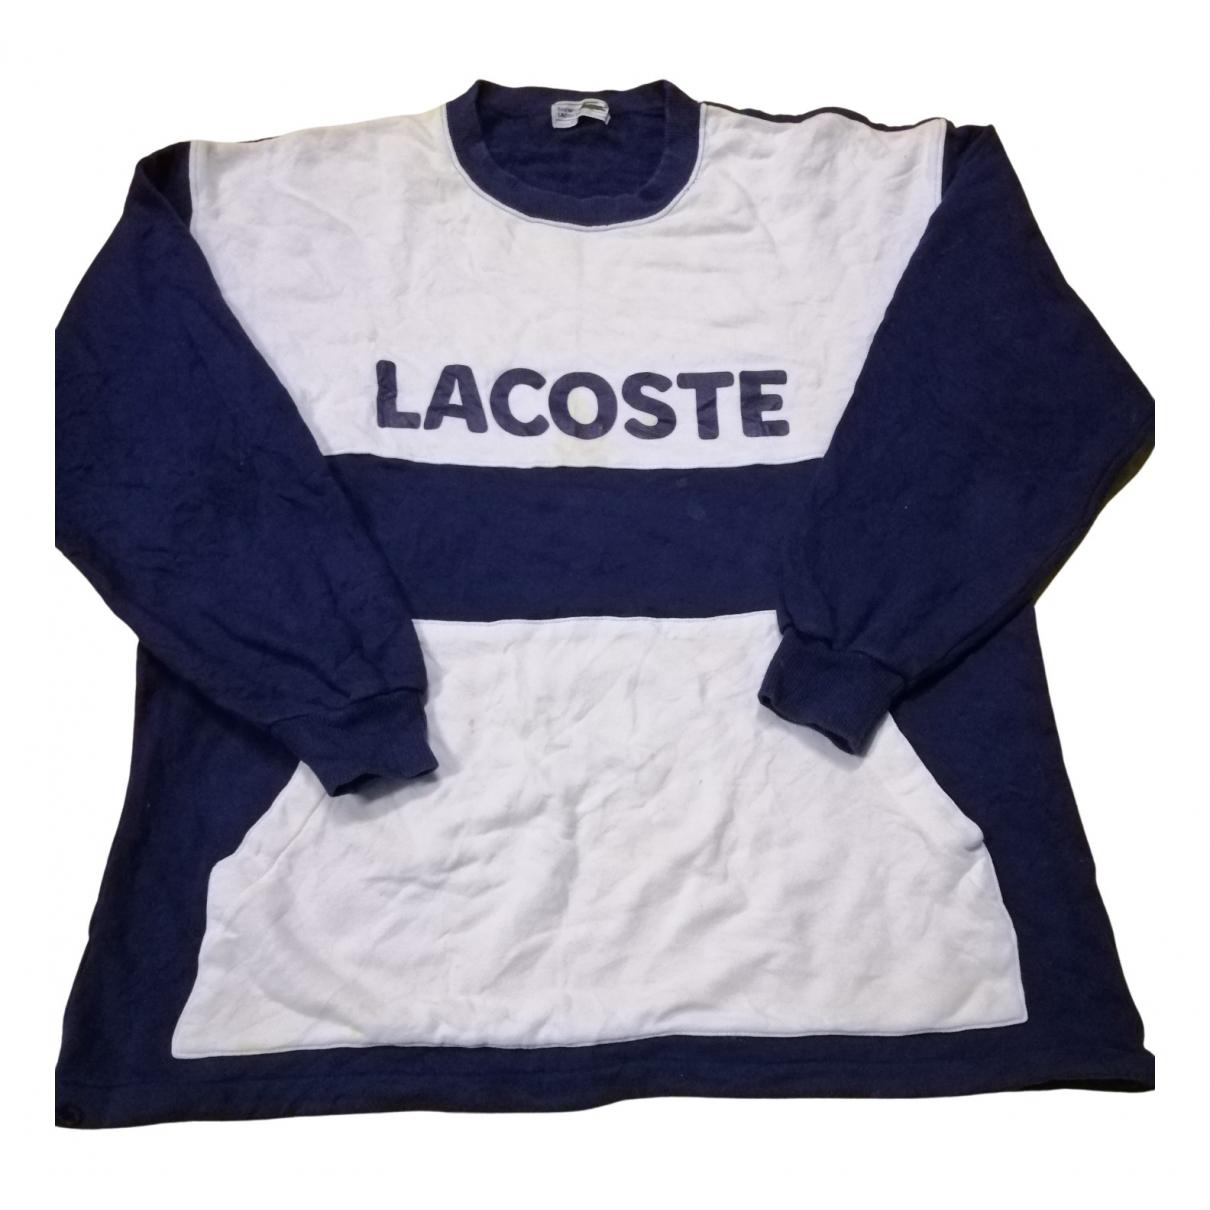 Lacoste N Navy Wool Knitwear & Sweatshirts for Men L International